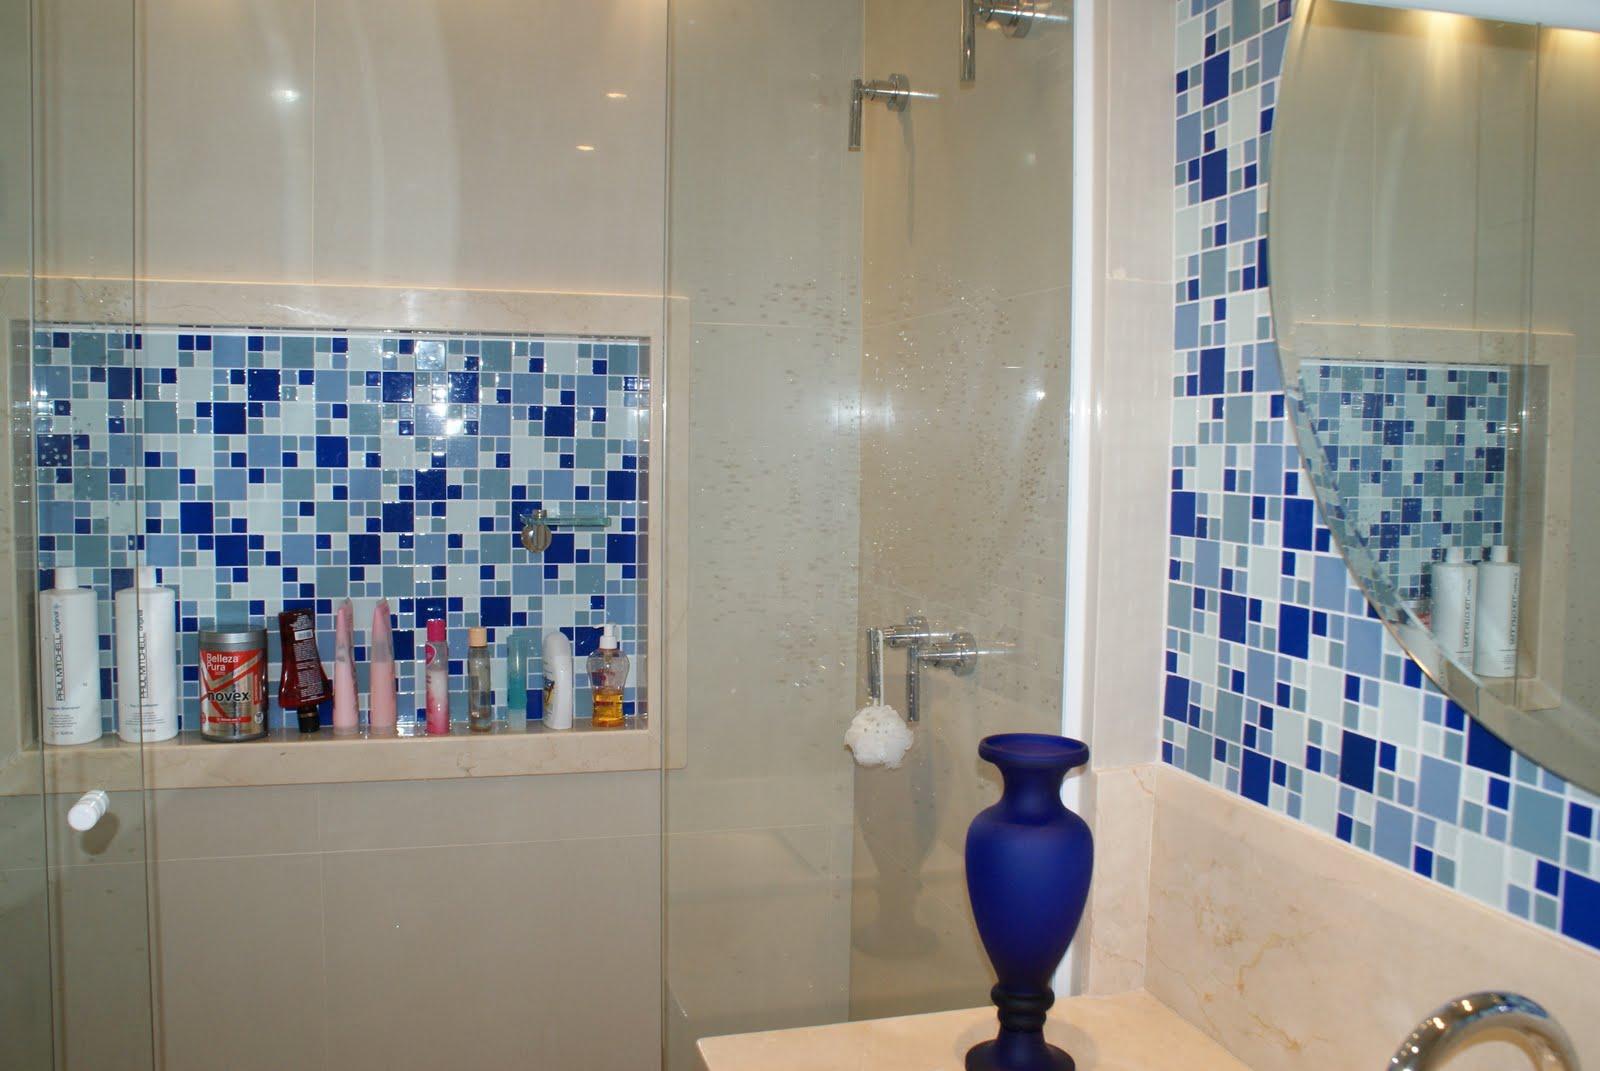 banheiro decorado #1A2D6F 1600x1071 Arquitetura Banheiros Decorados